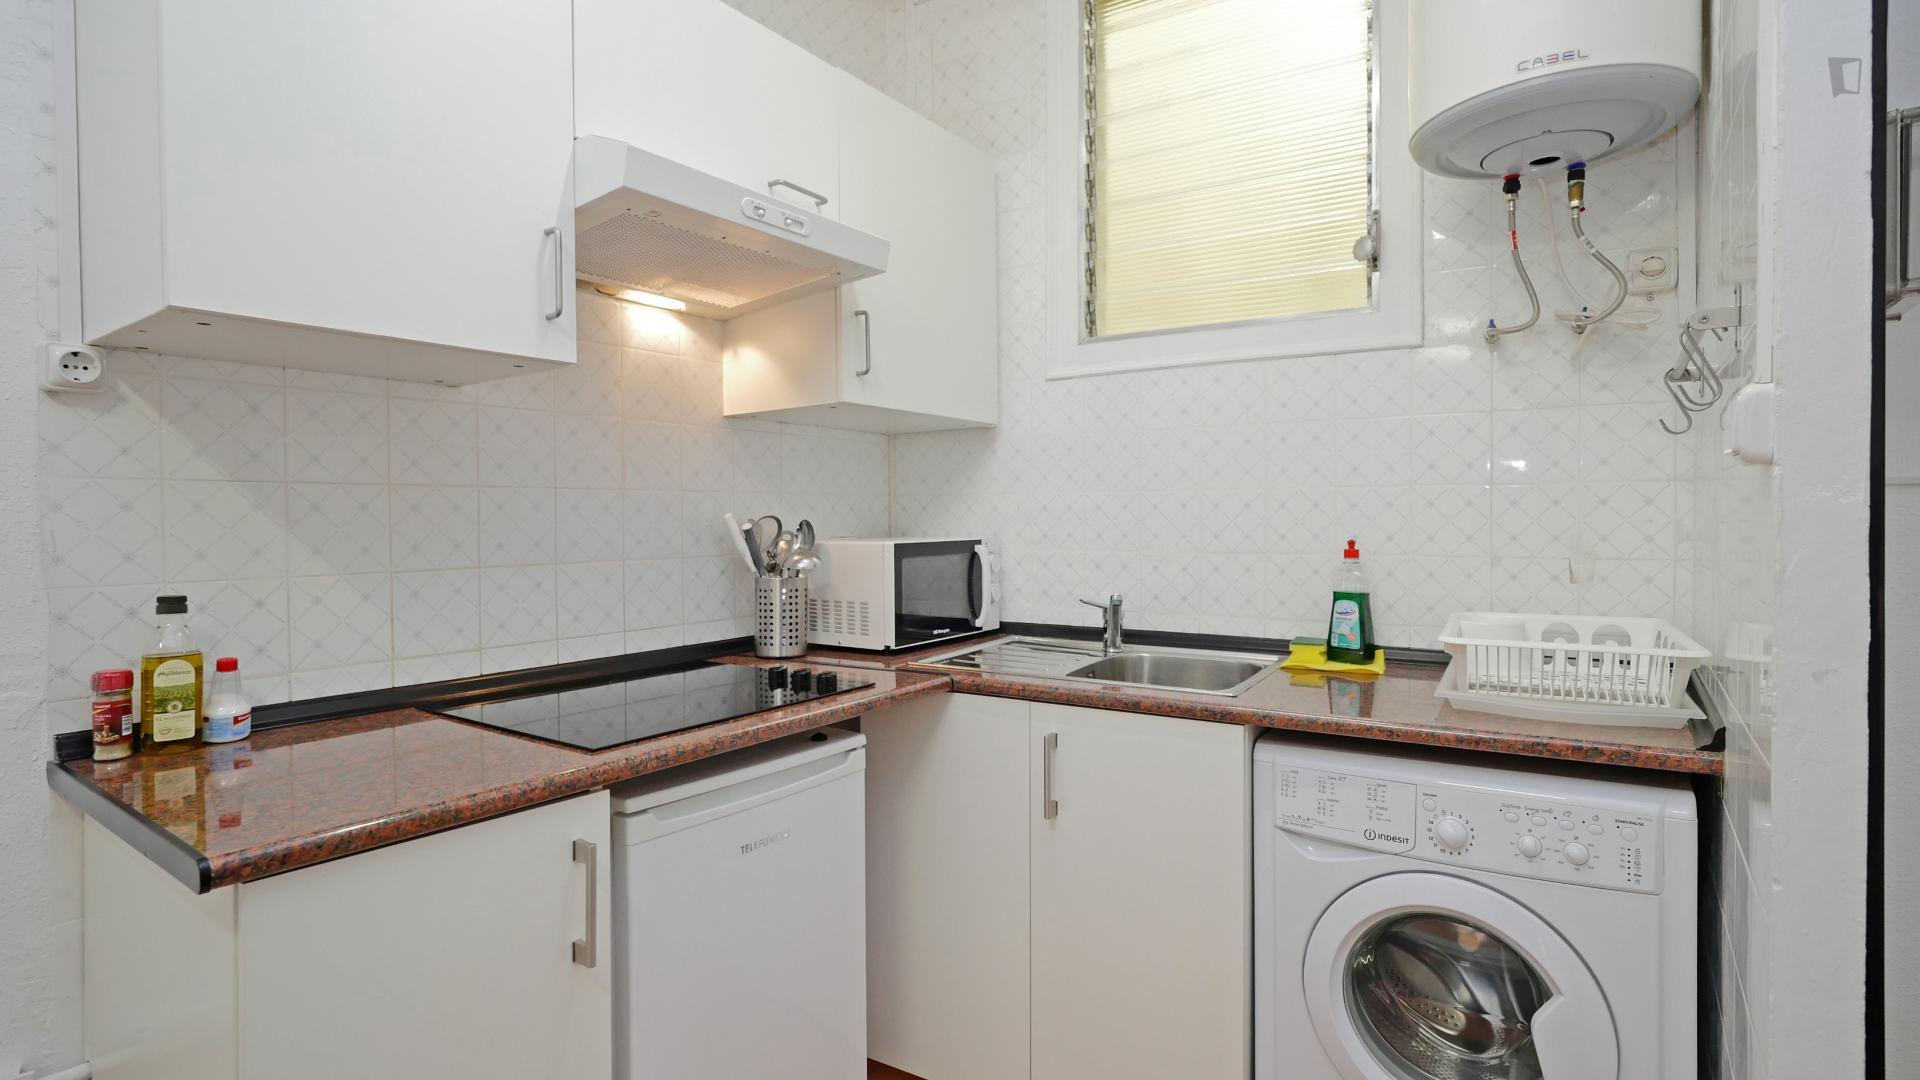 Ferlandino - Bedroom in a shared flat in Barcelona